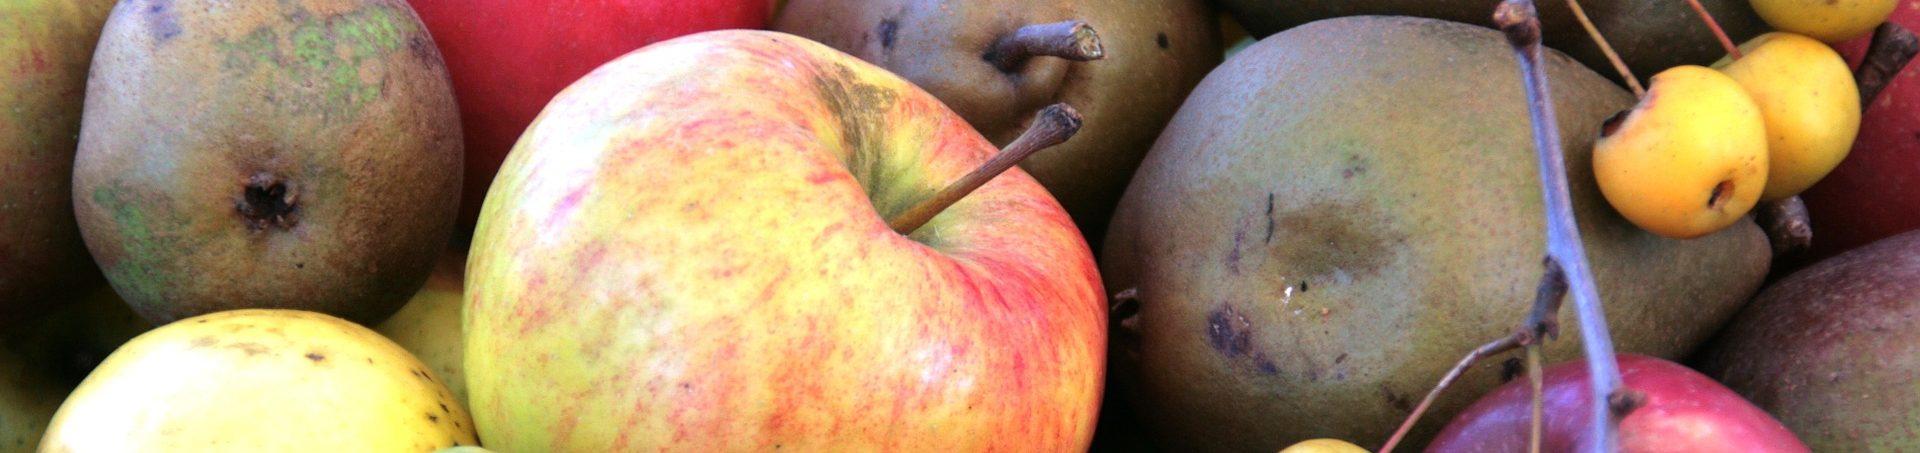 rozbor-ovoce